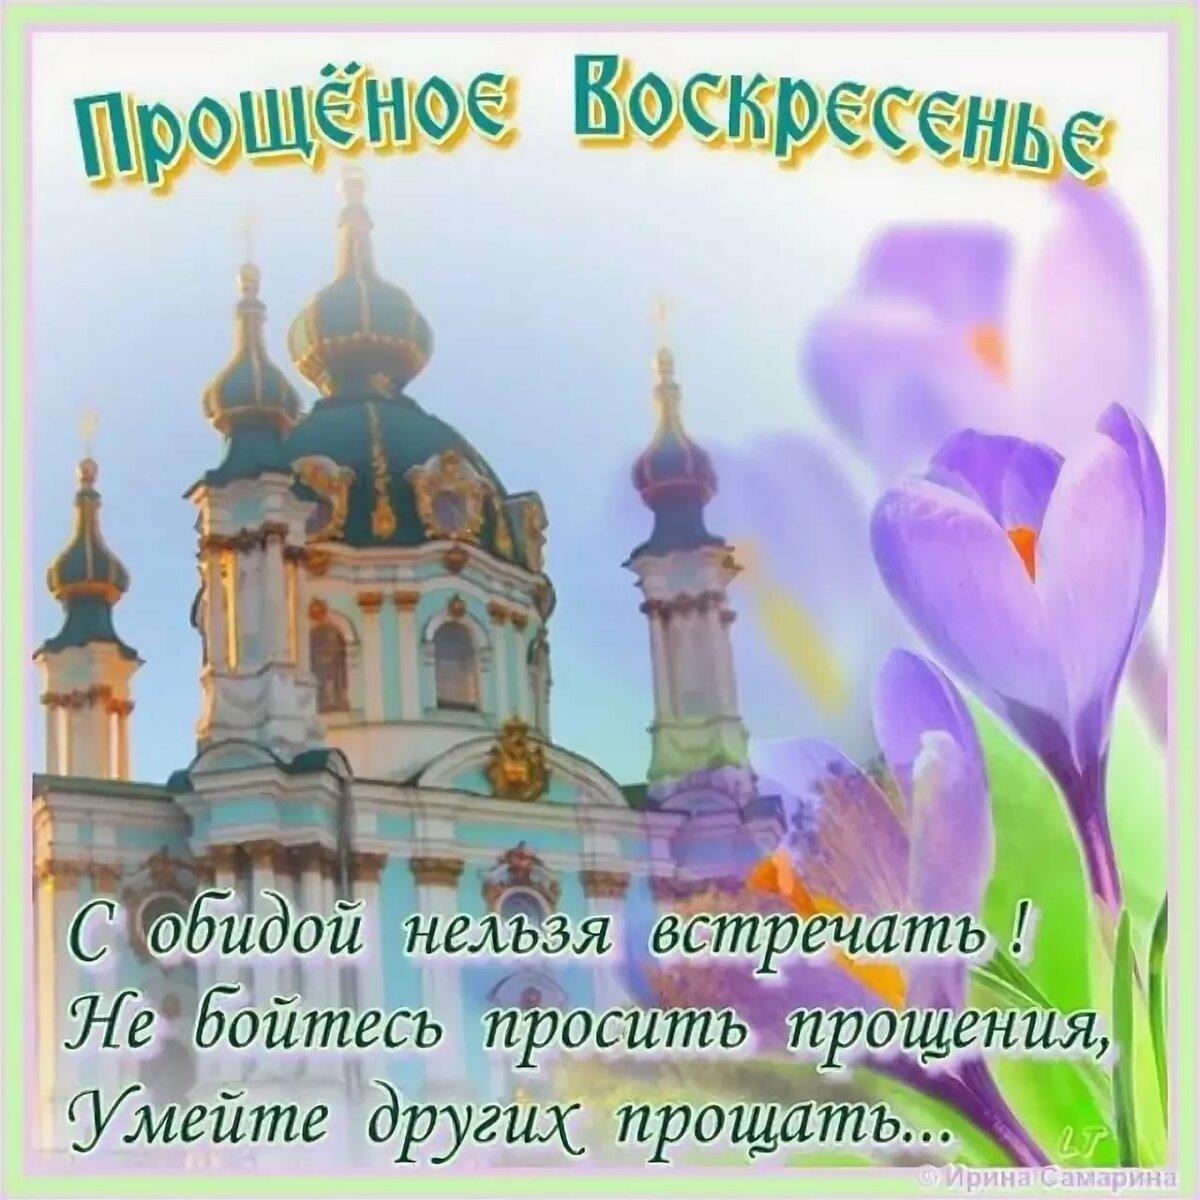 Открытка прощенное воскресенье 2017, цветов